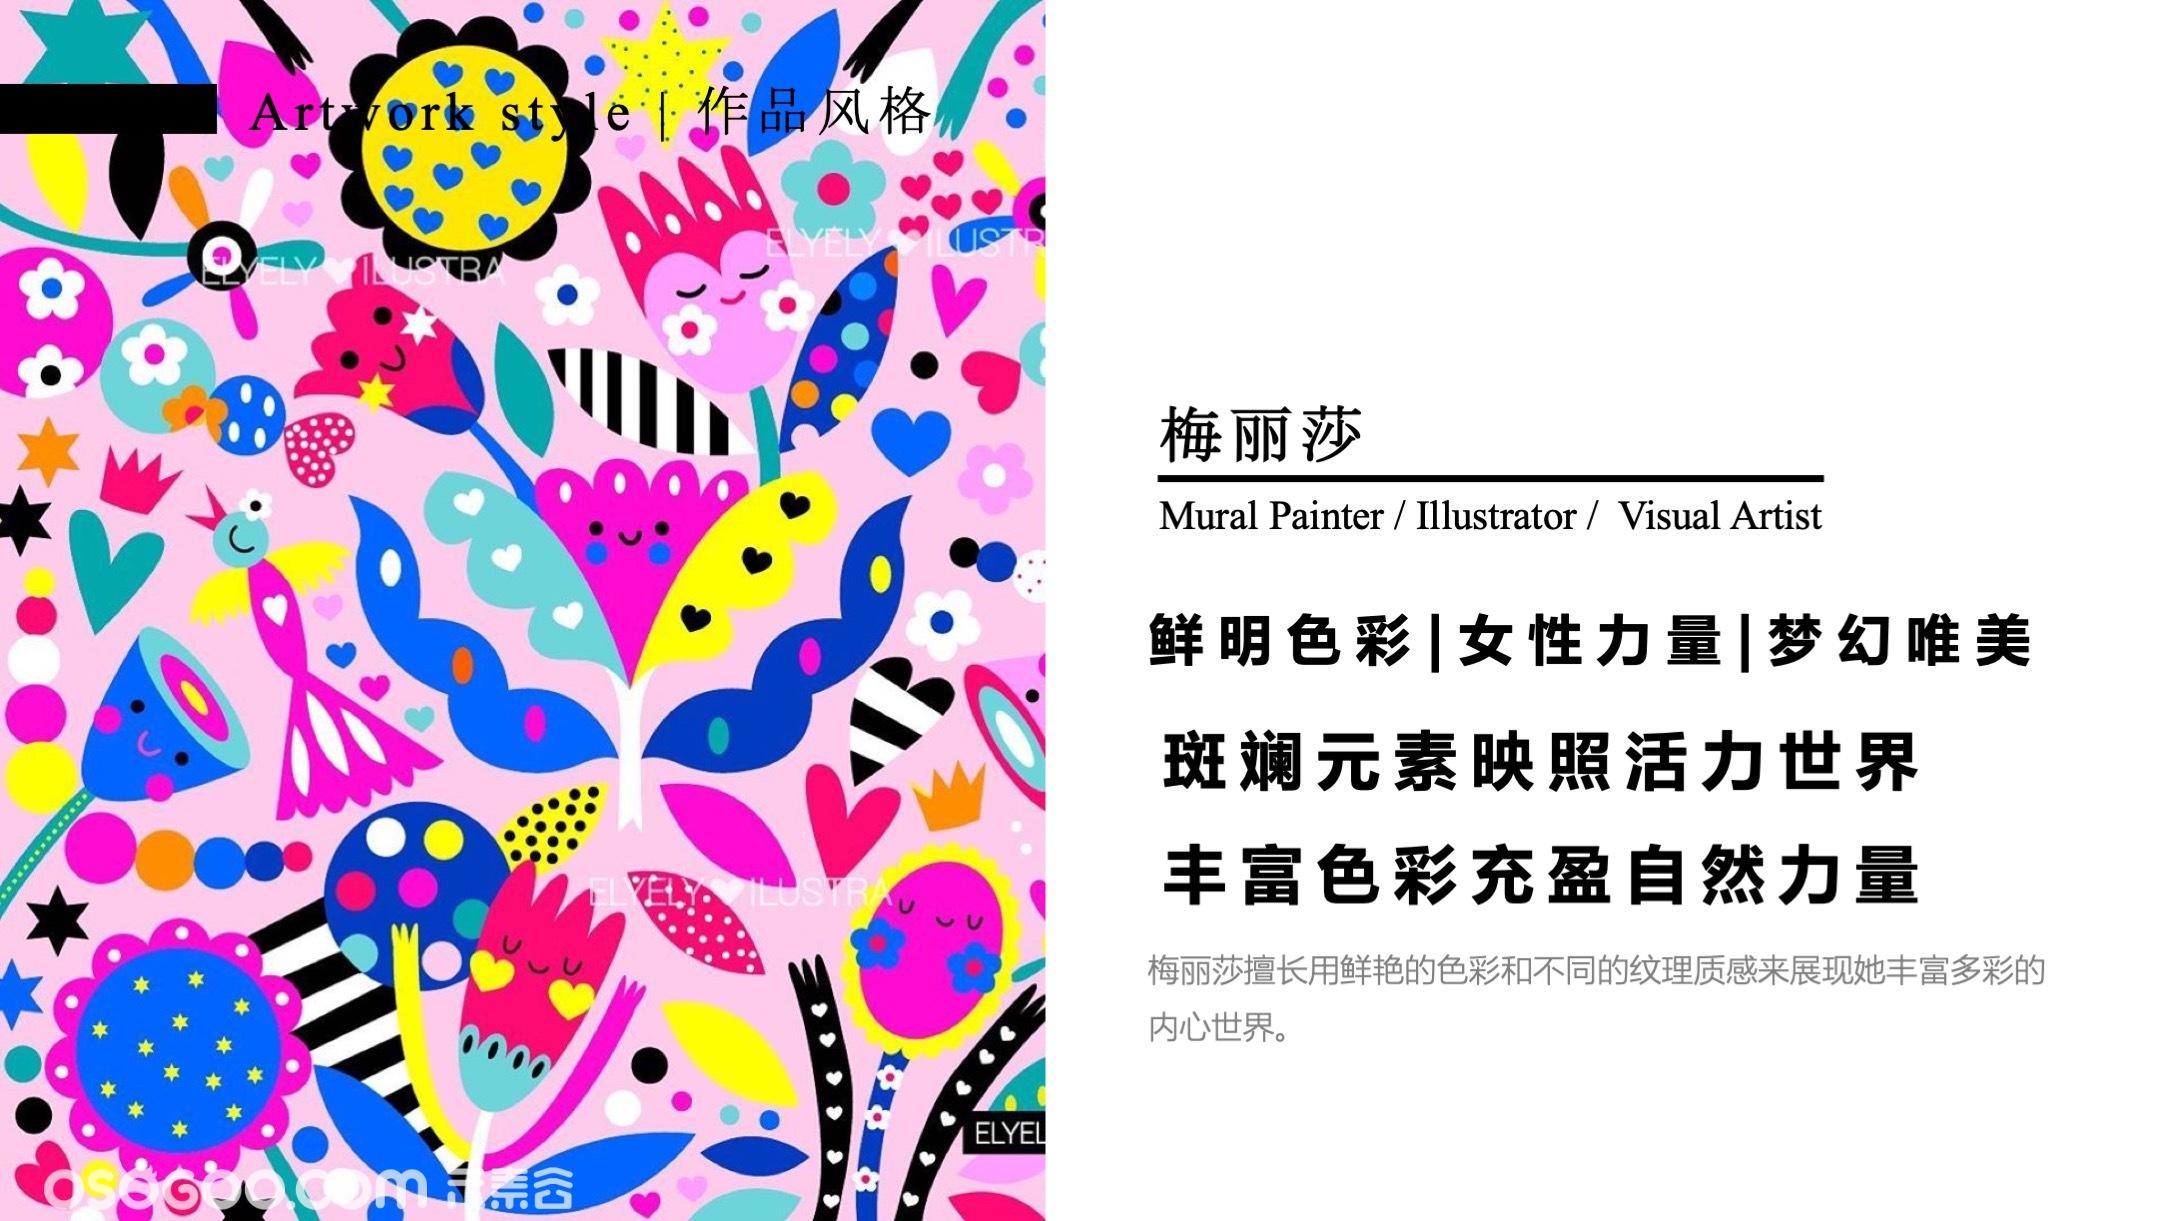 【梦境万花筒】墨西哥插画艺术家主题IP装置式体验展-感映艺术